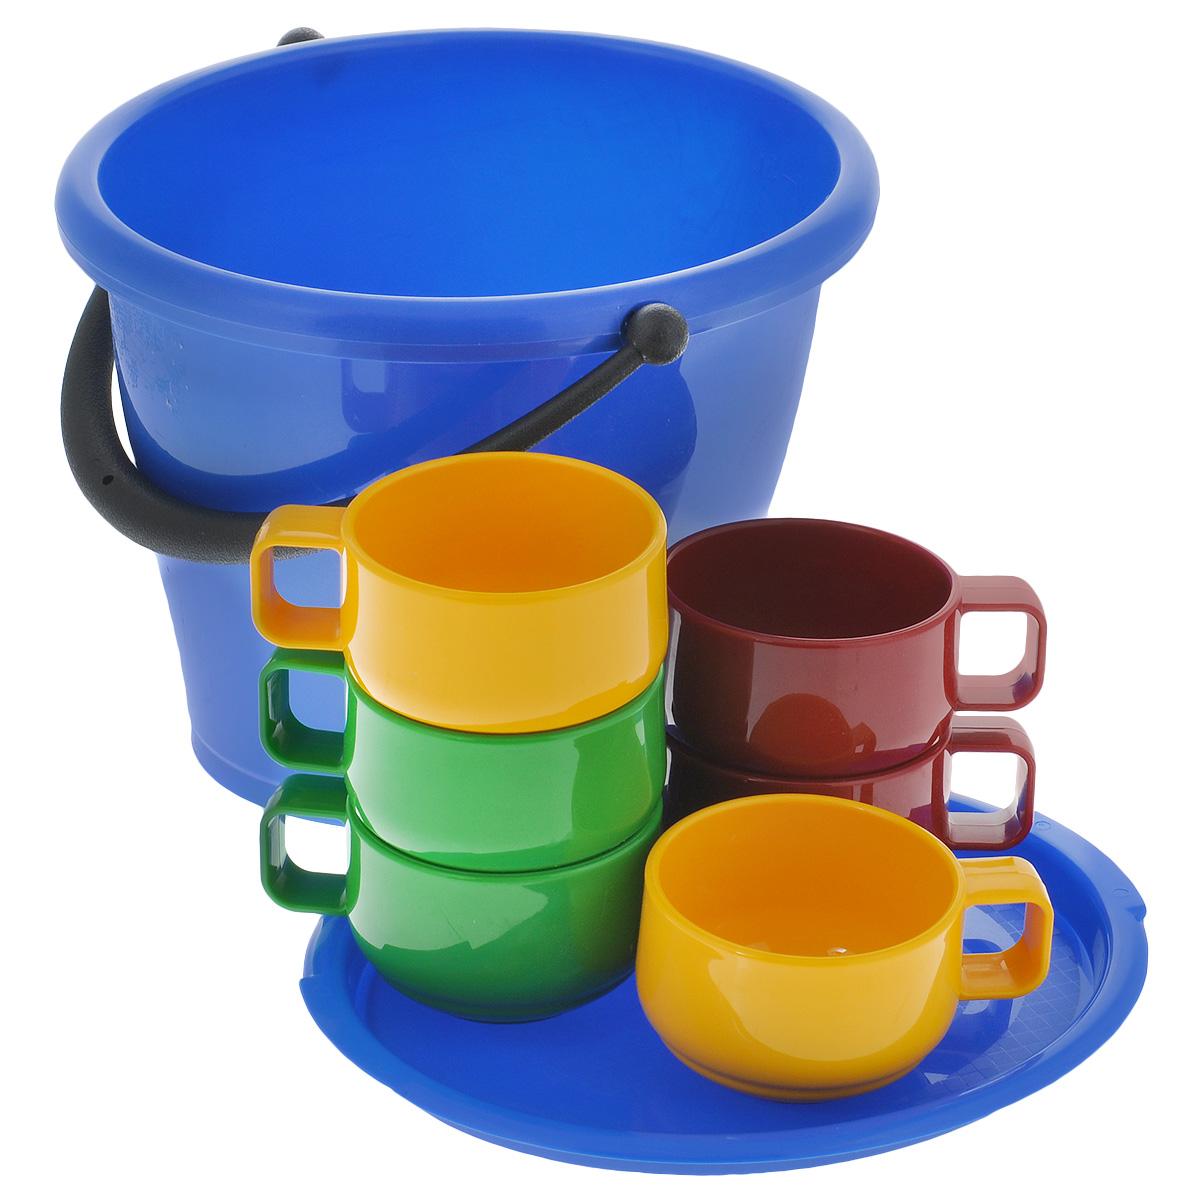 цена на Набор посуды Solaris, в ведре, 7 предметов